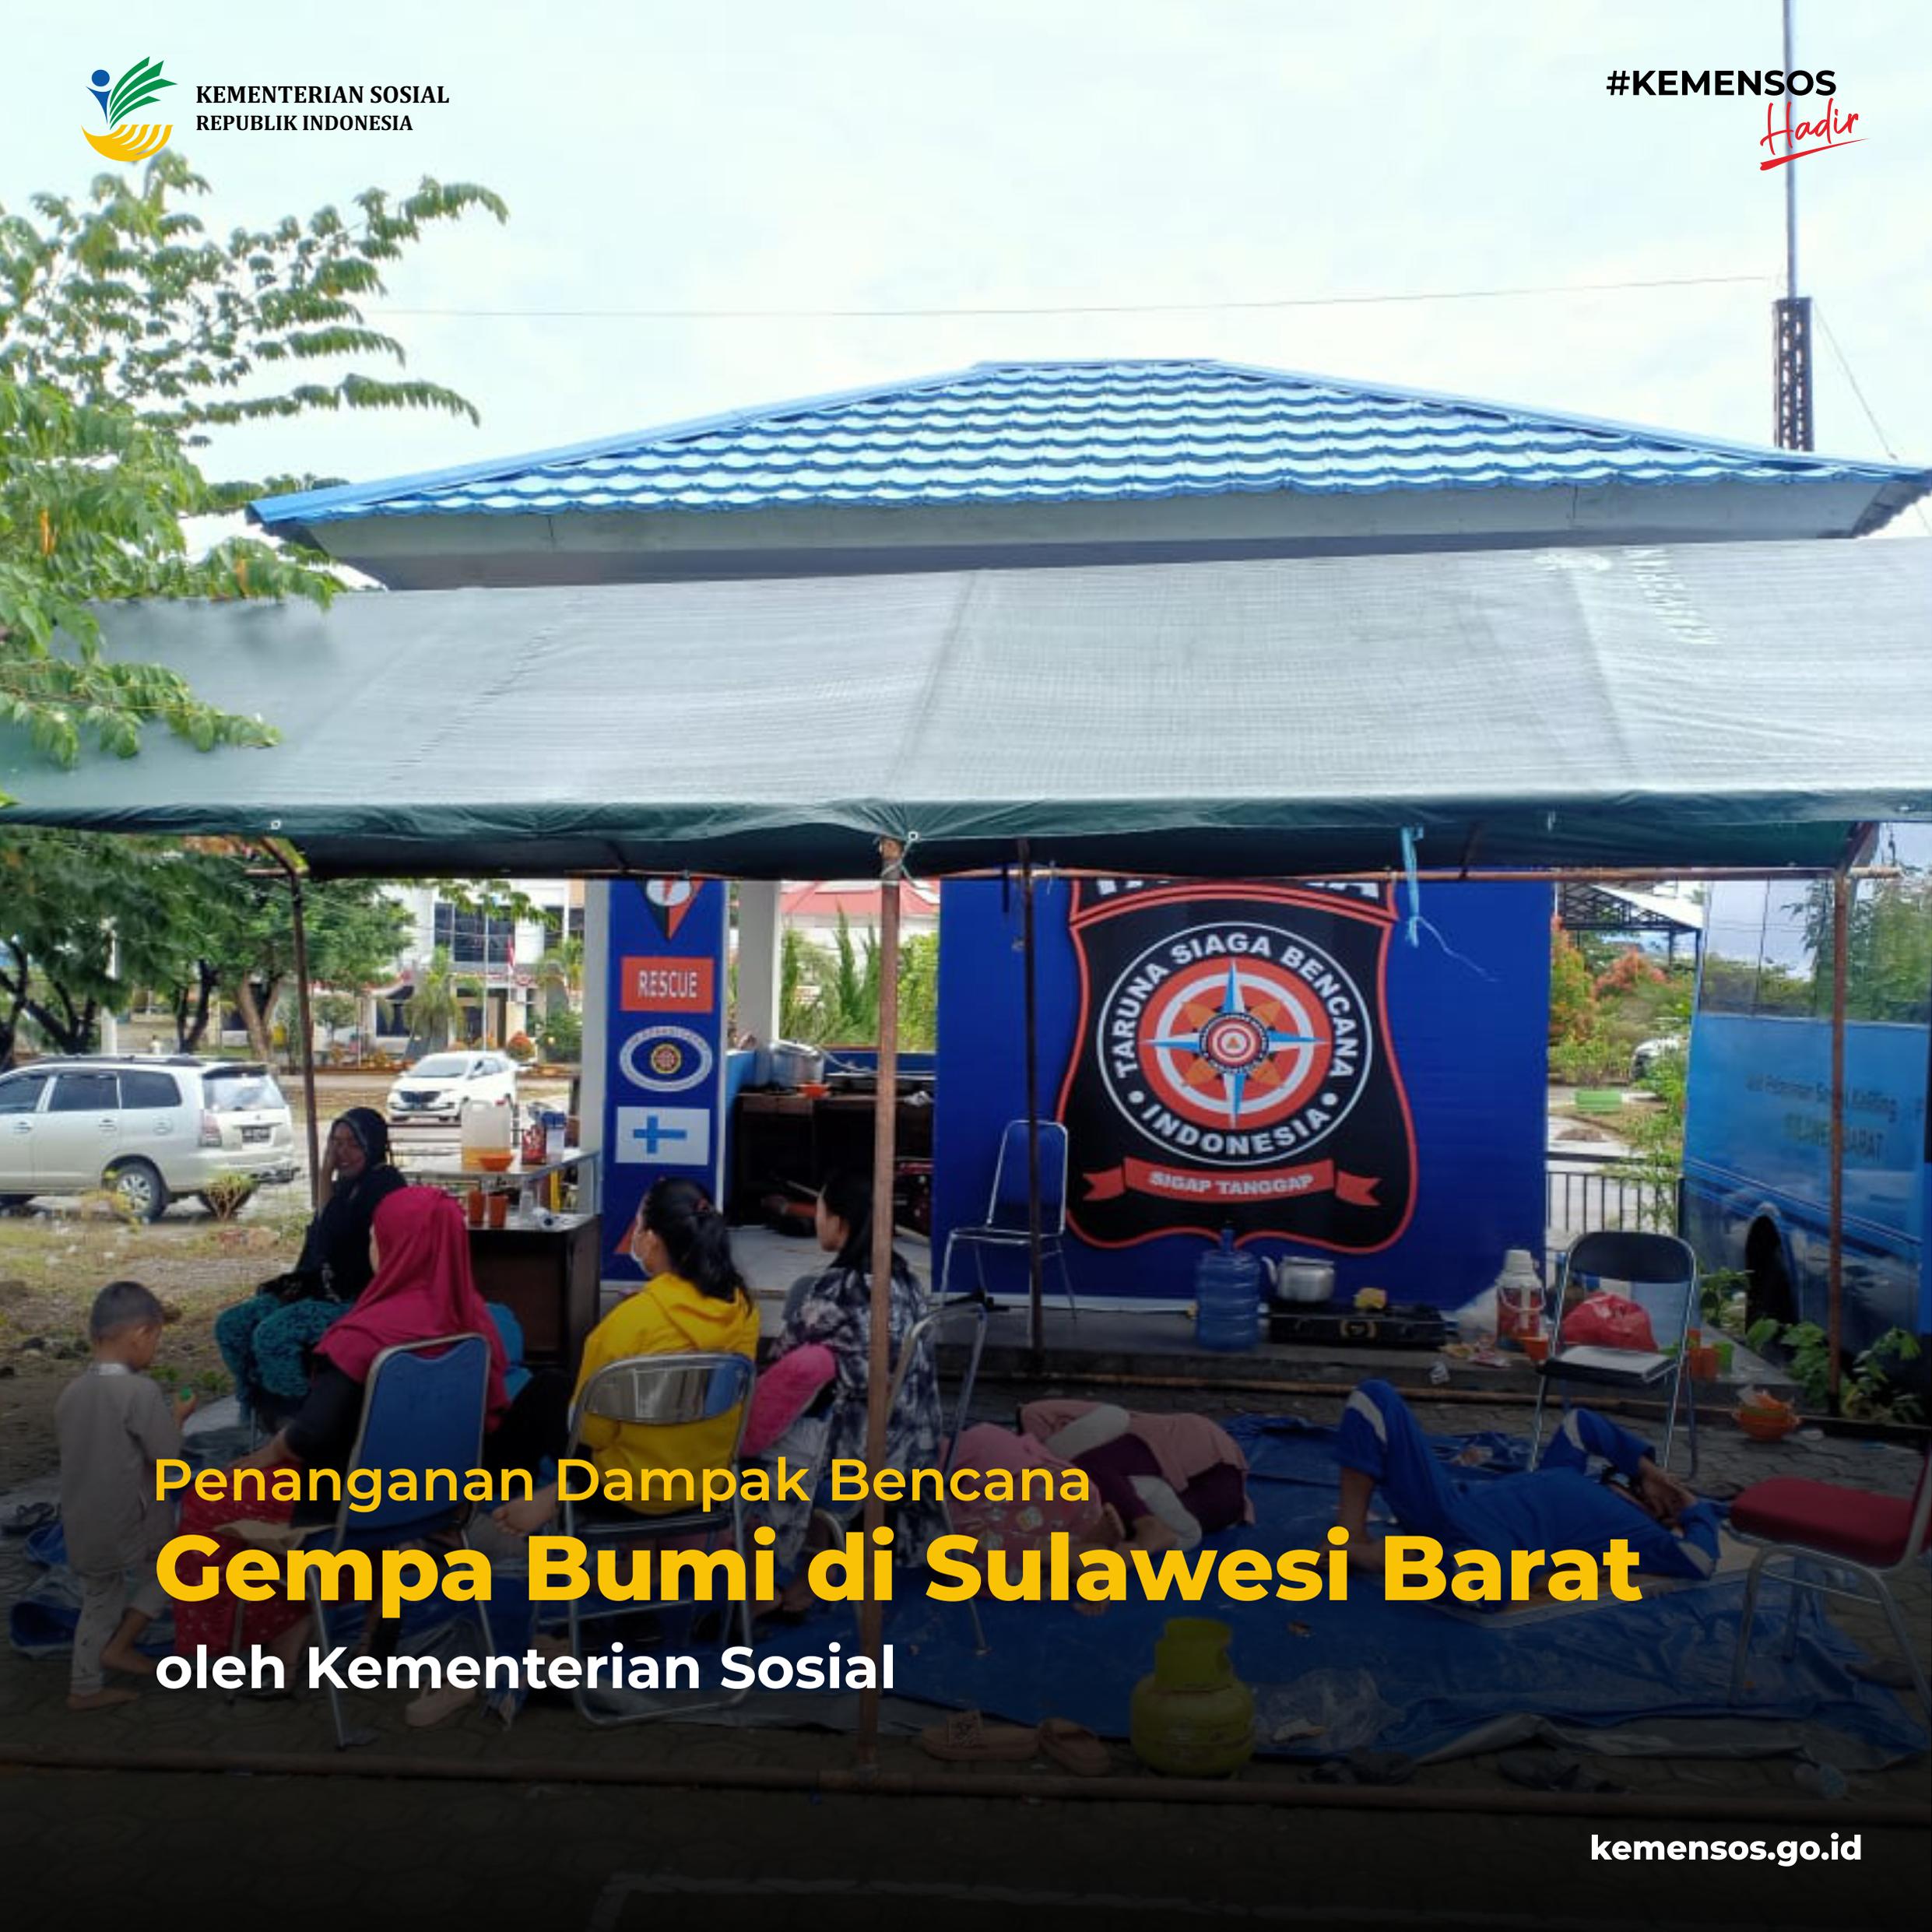 Penanganan Dampak Bencana Gempa Bumi Sulawesi Barat